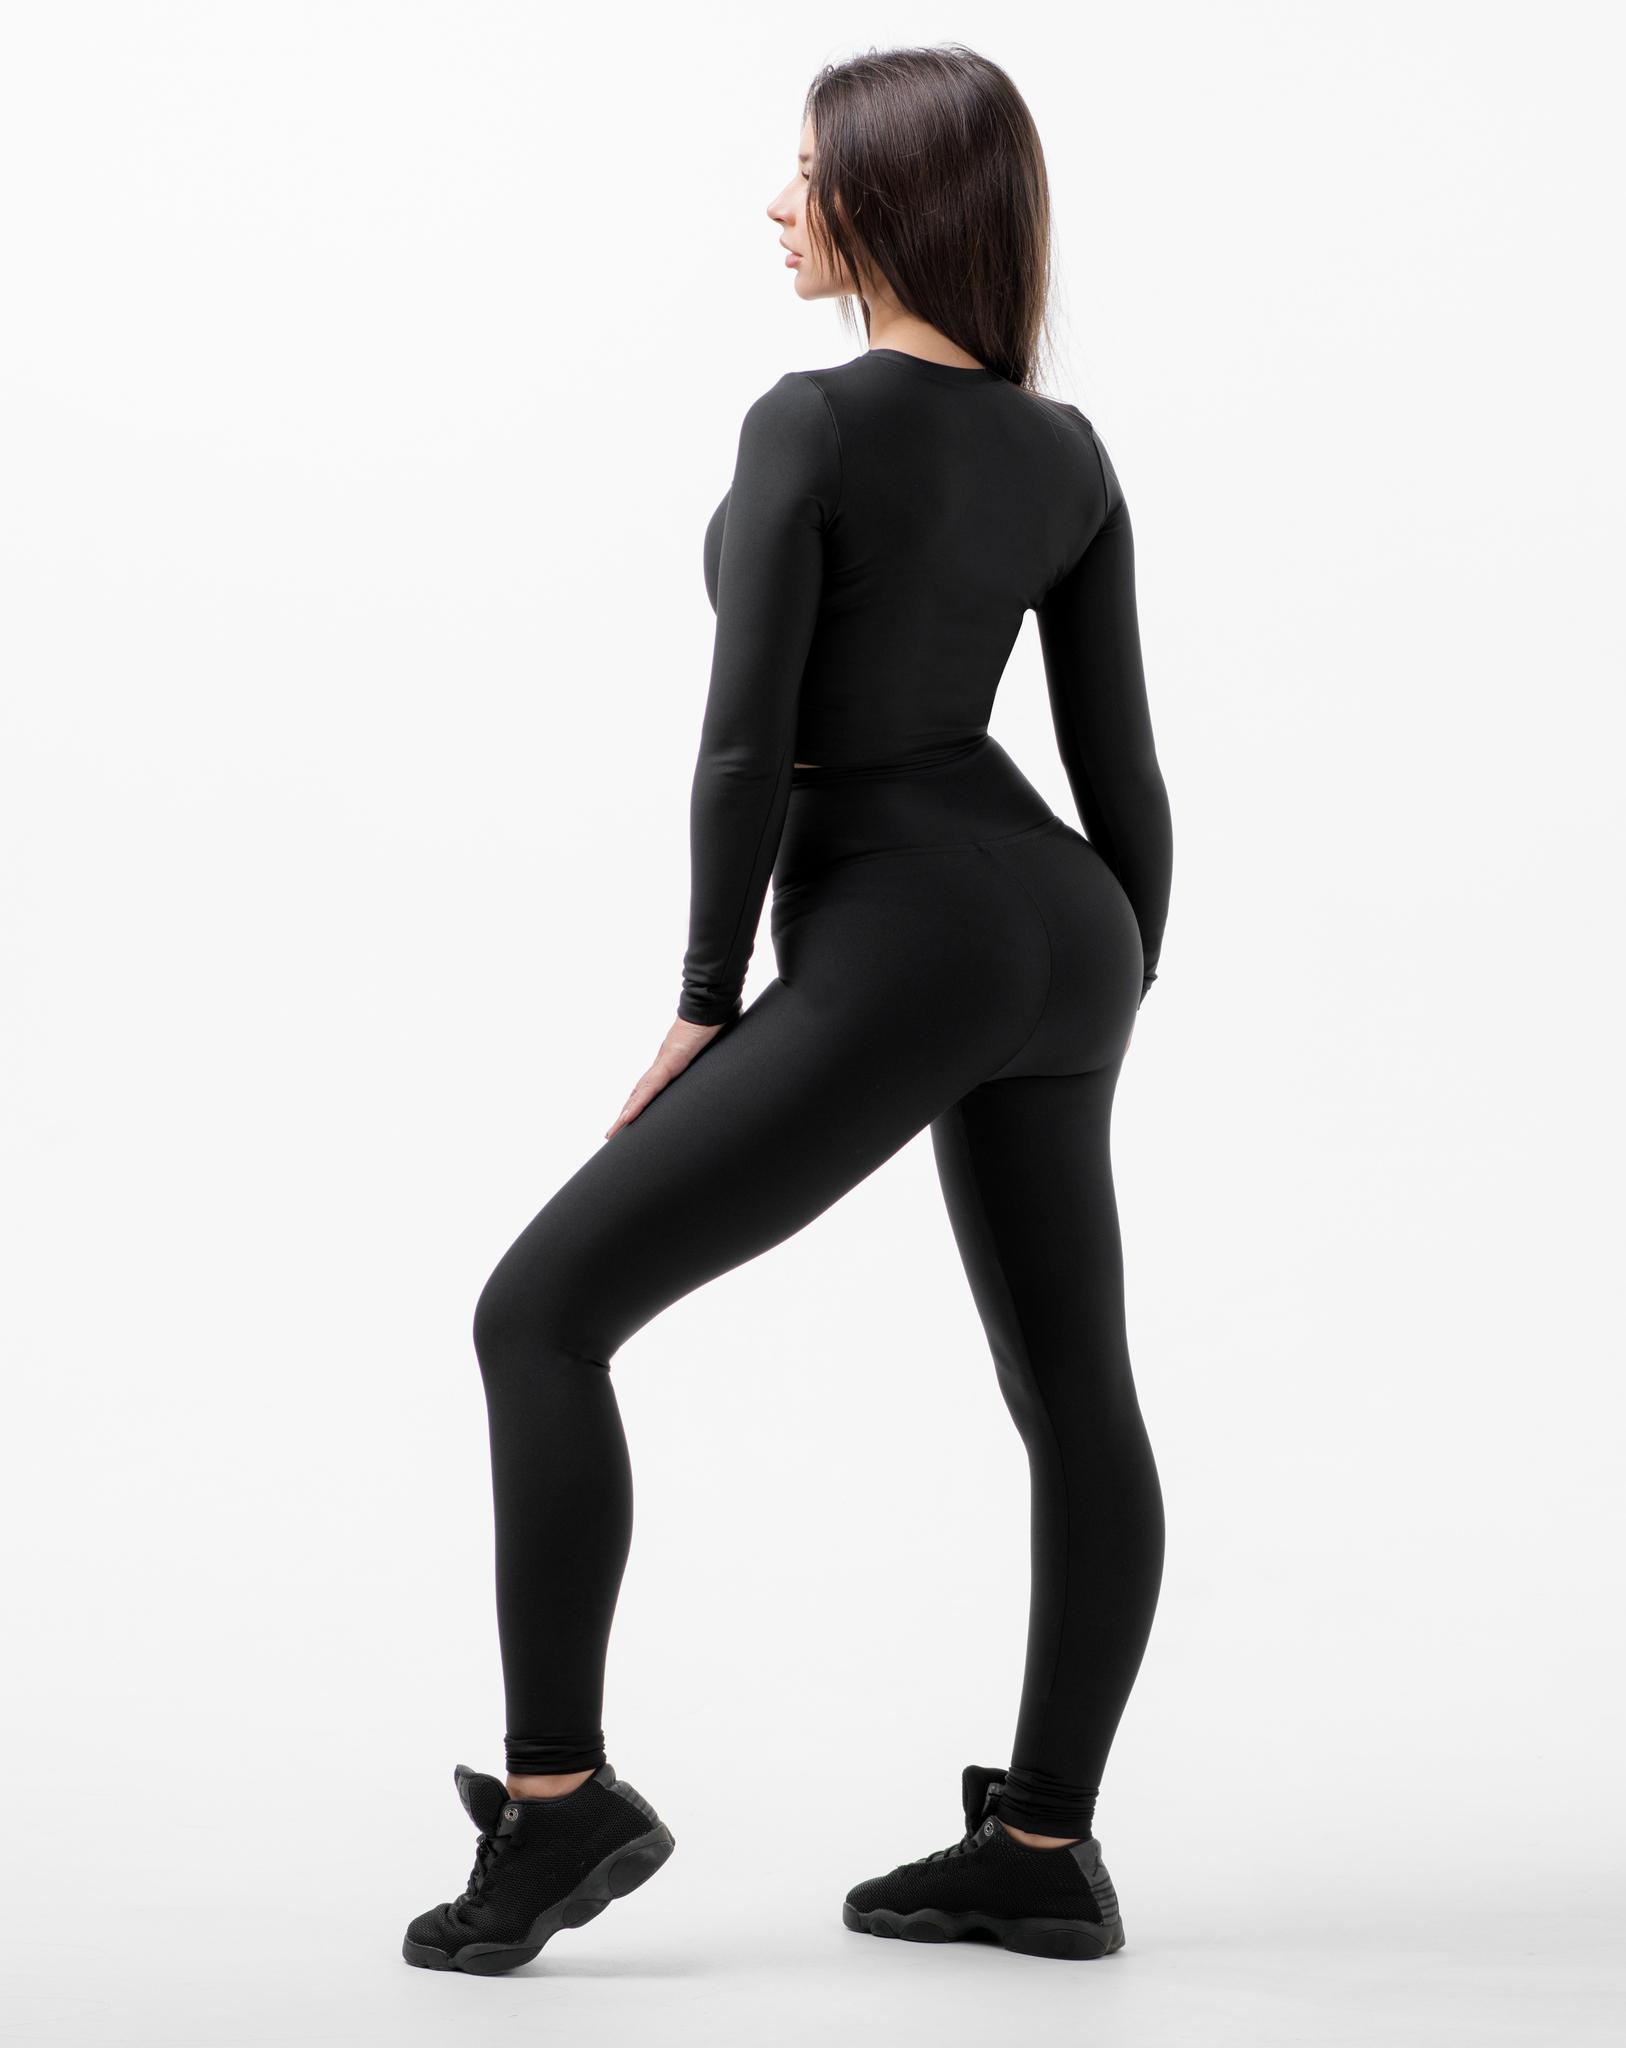 Женские лосины  высоким поясом Infinity high waist basic 115 black